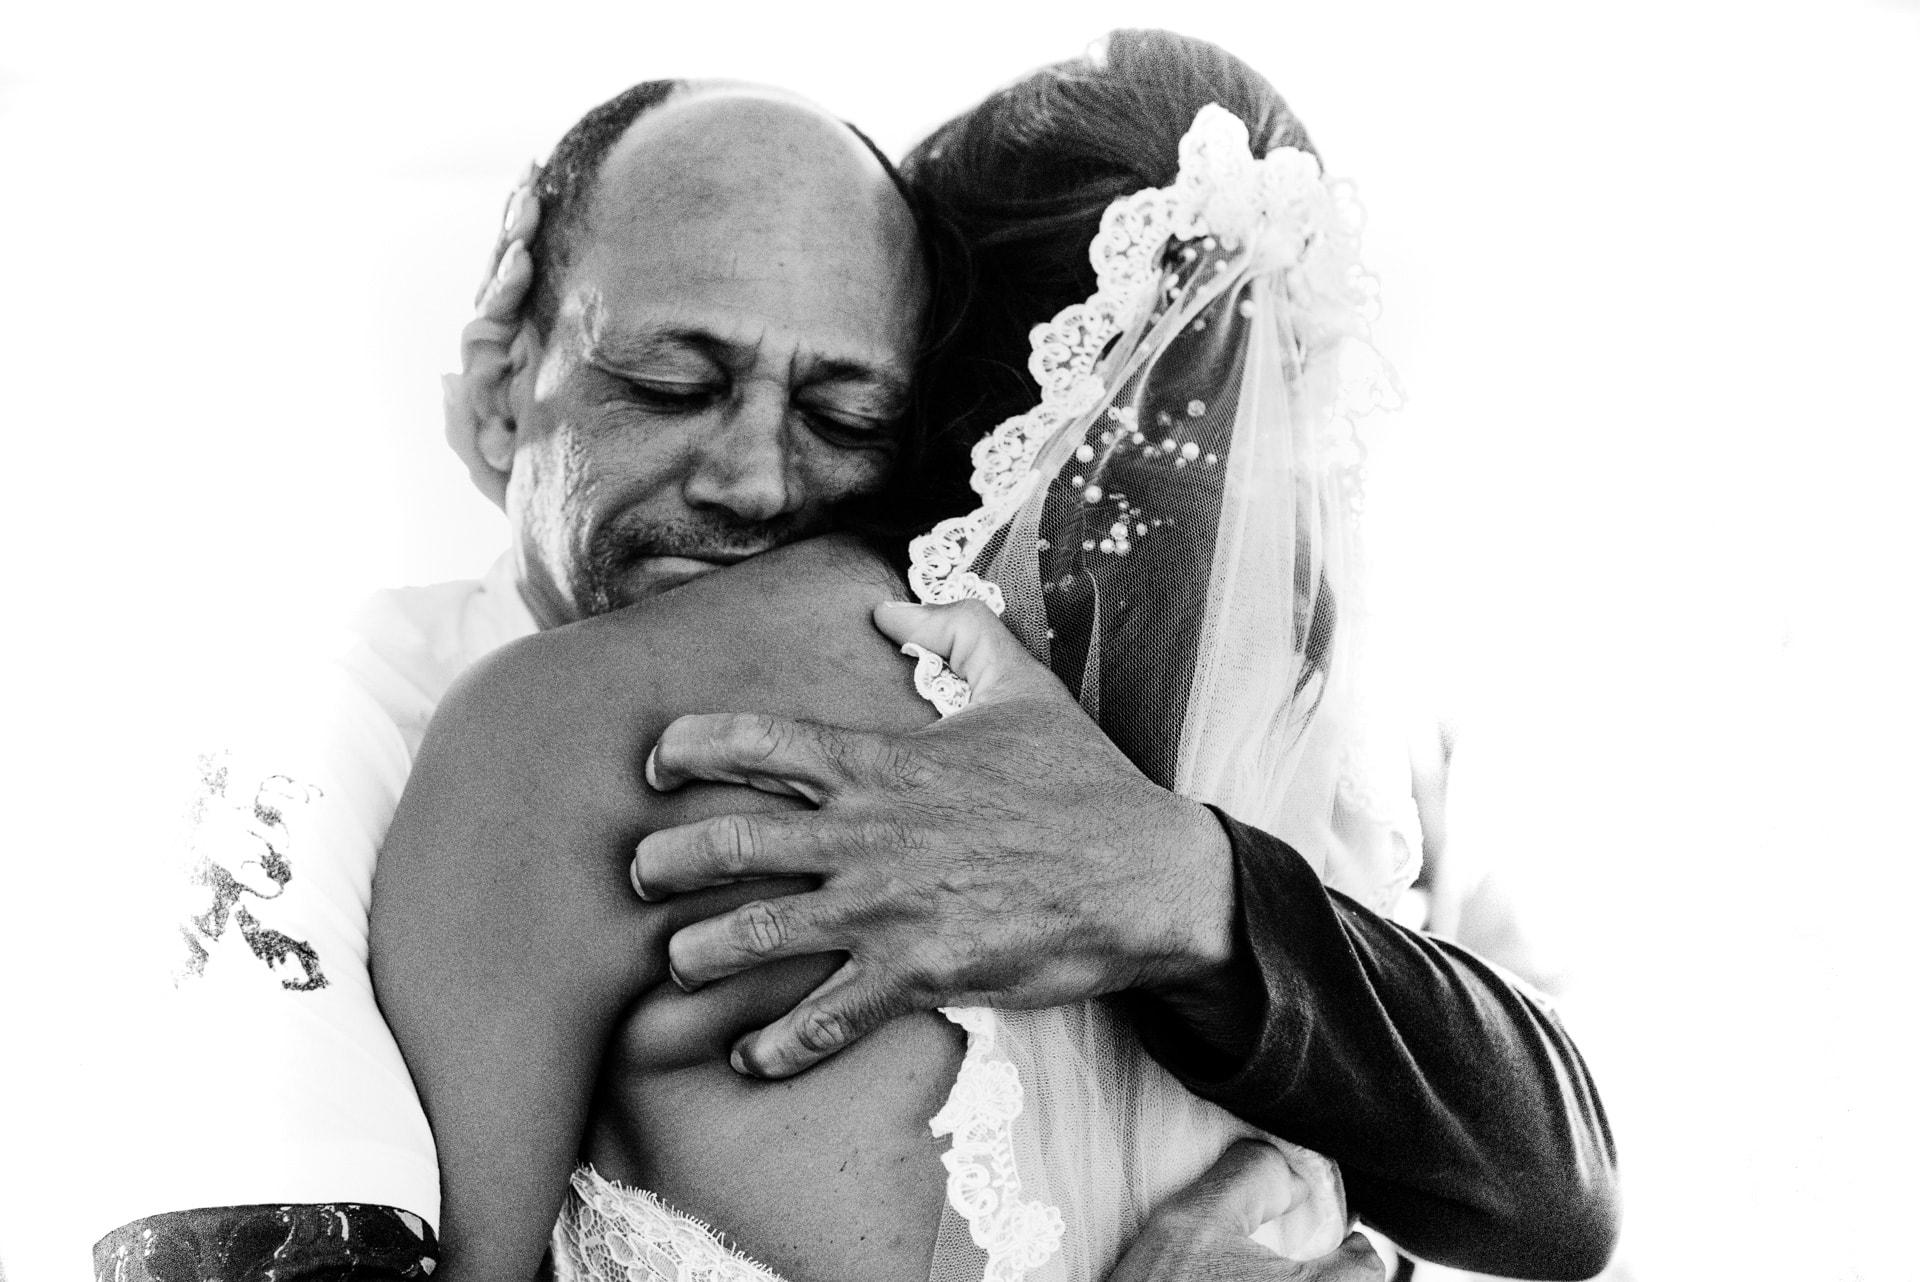 wedding in Porto, Portugal - Juicily & Miguel - Photo by Luis Efigenio